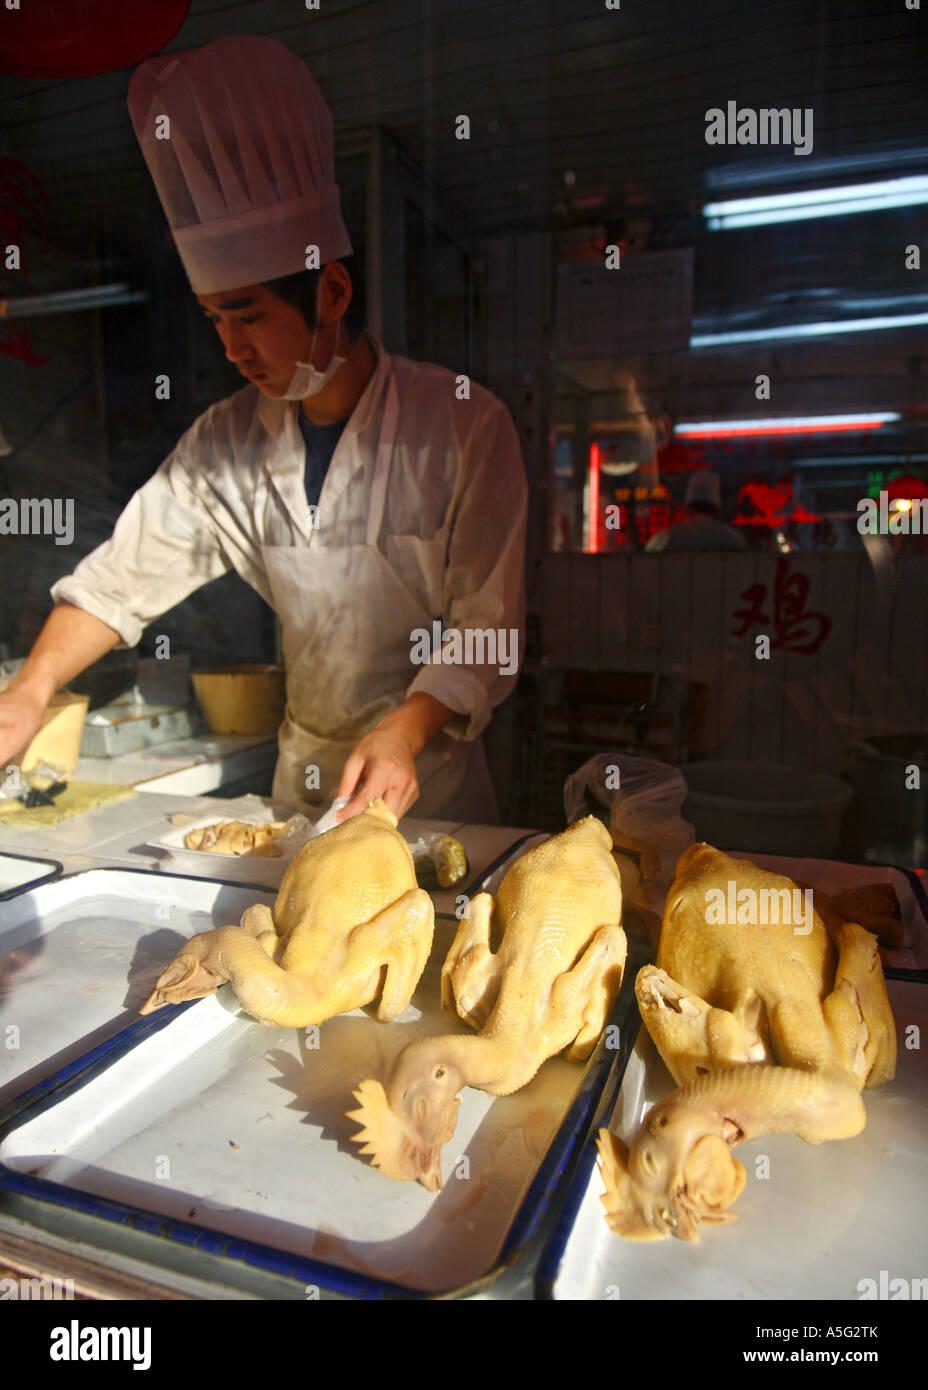 La préparation des aliments pour poulets dans old town, Shanghai, Chine, Asie Photo Stock